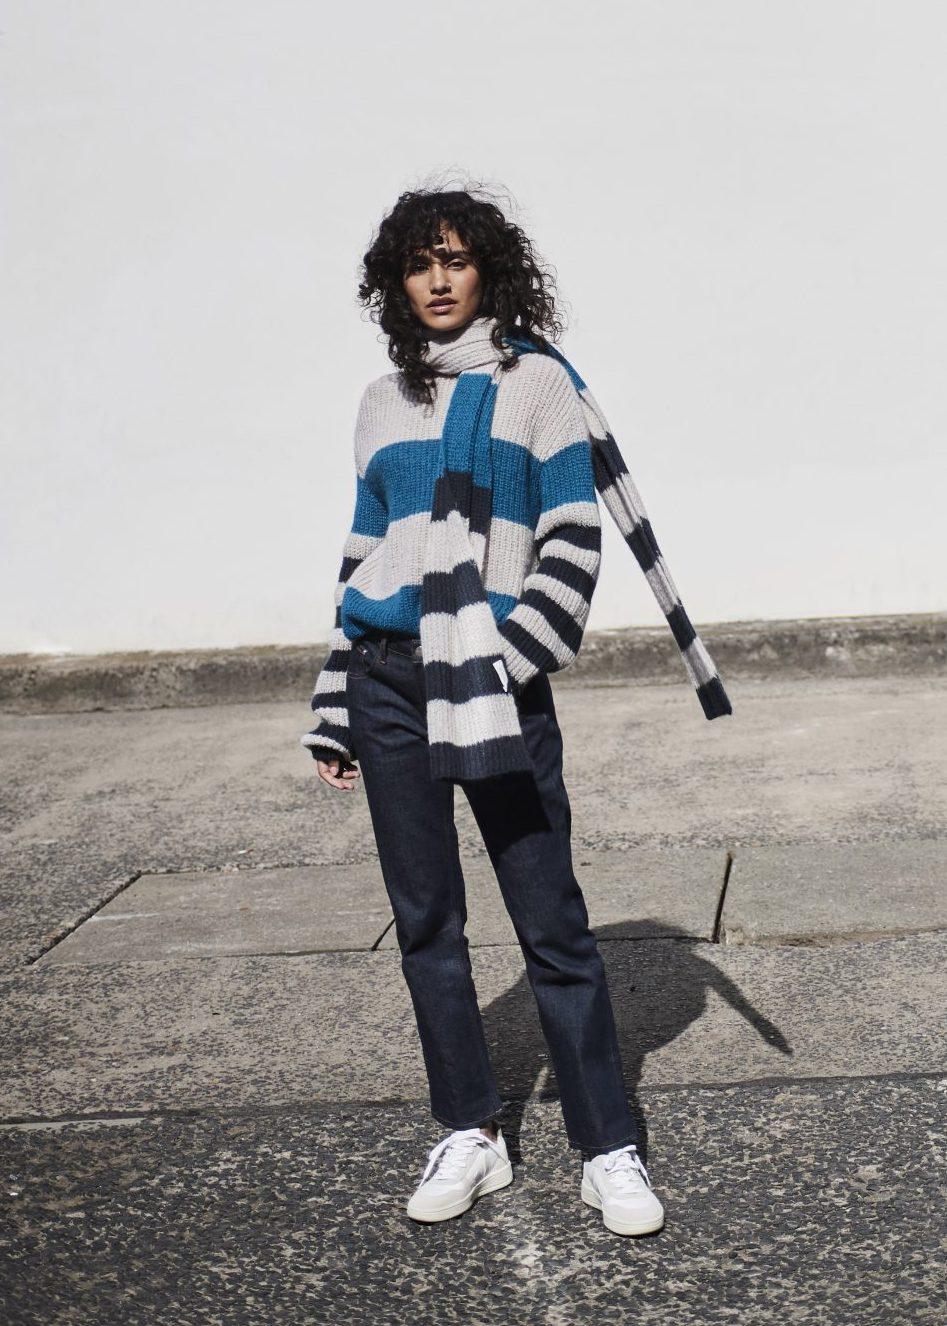 Erin-sweater-Alchemist